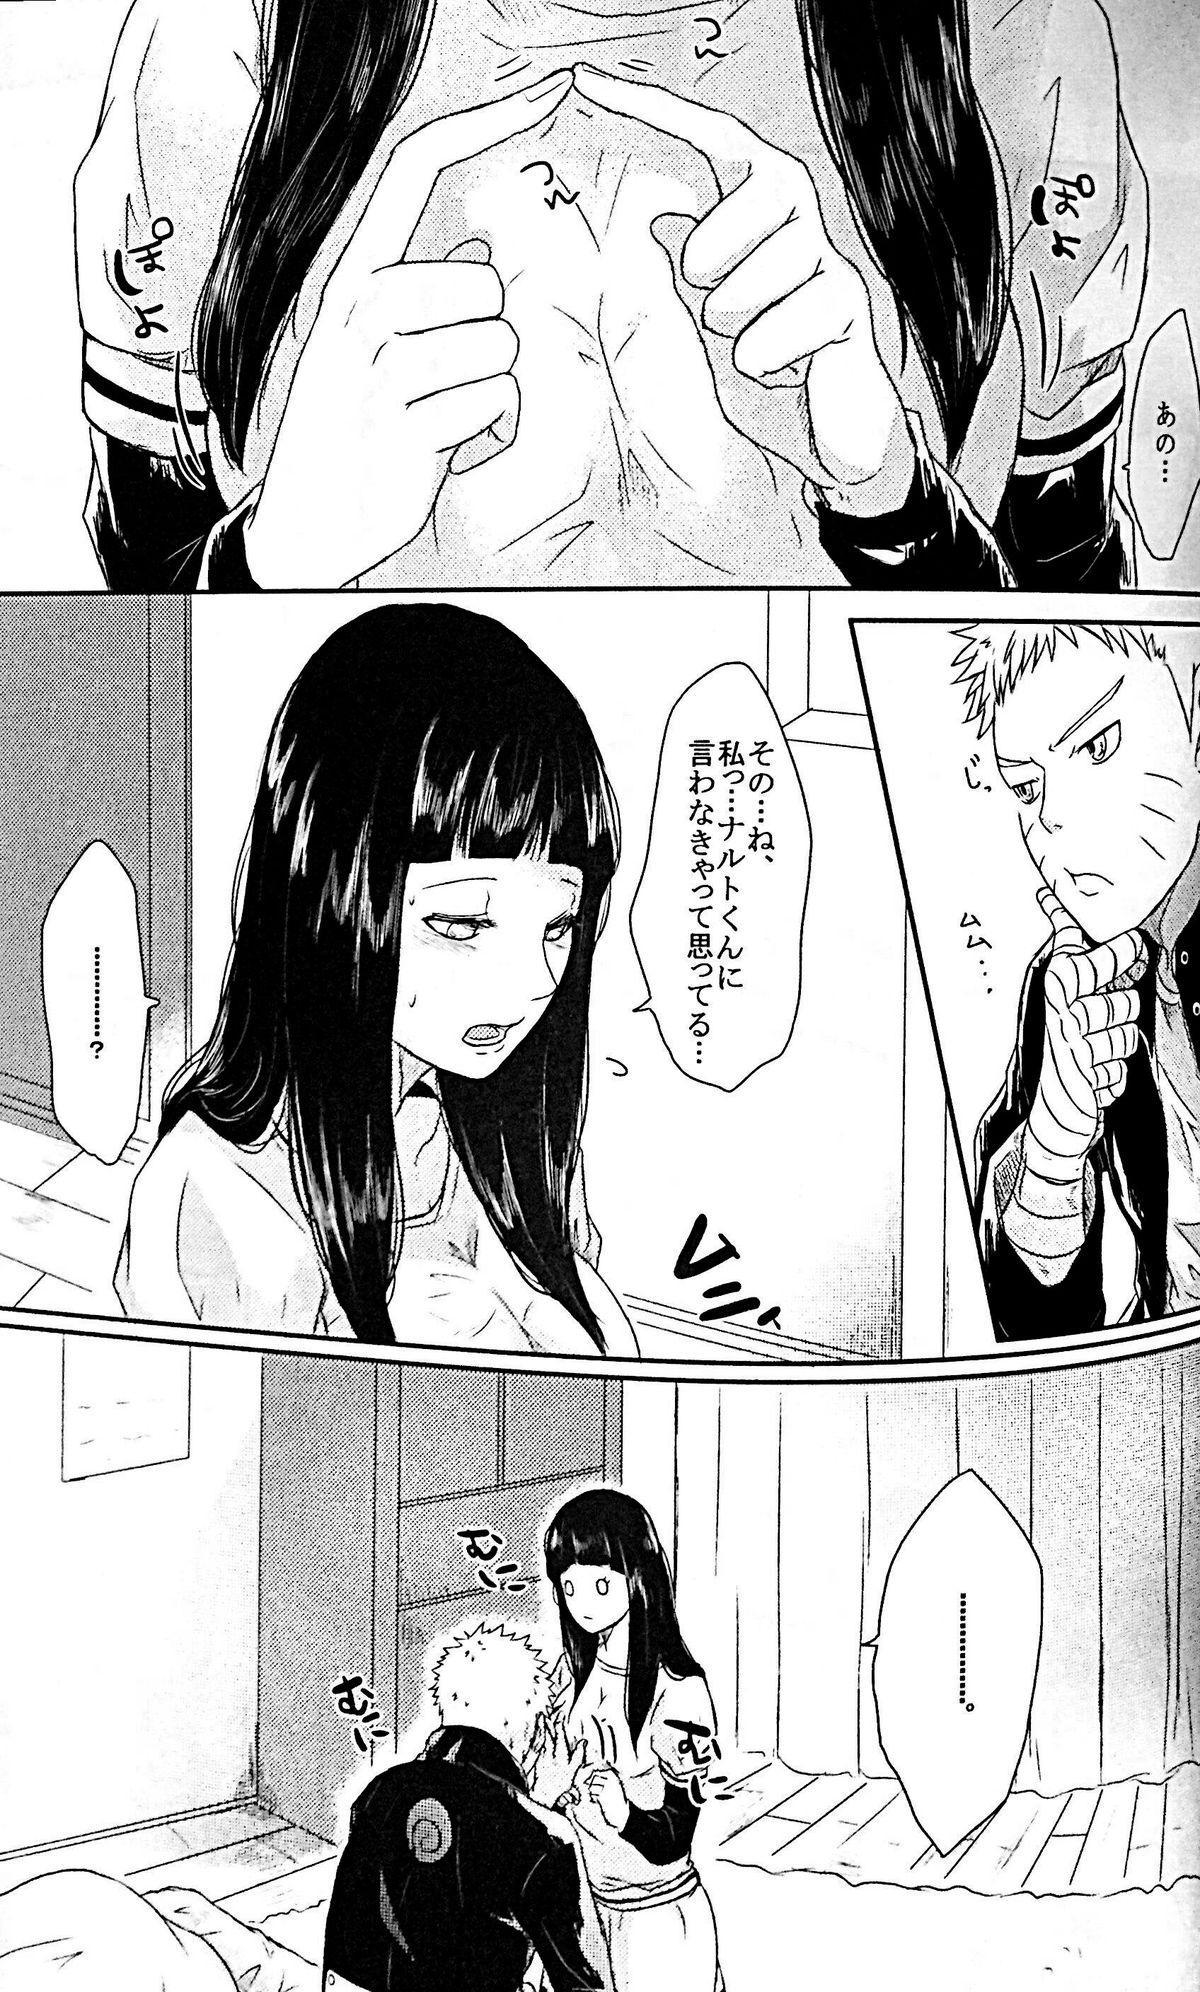 Naruto-kun no Ecchi!! 25